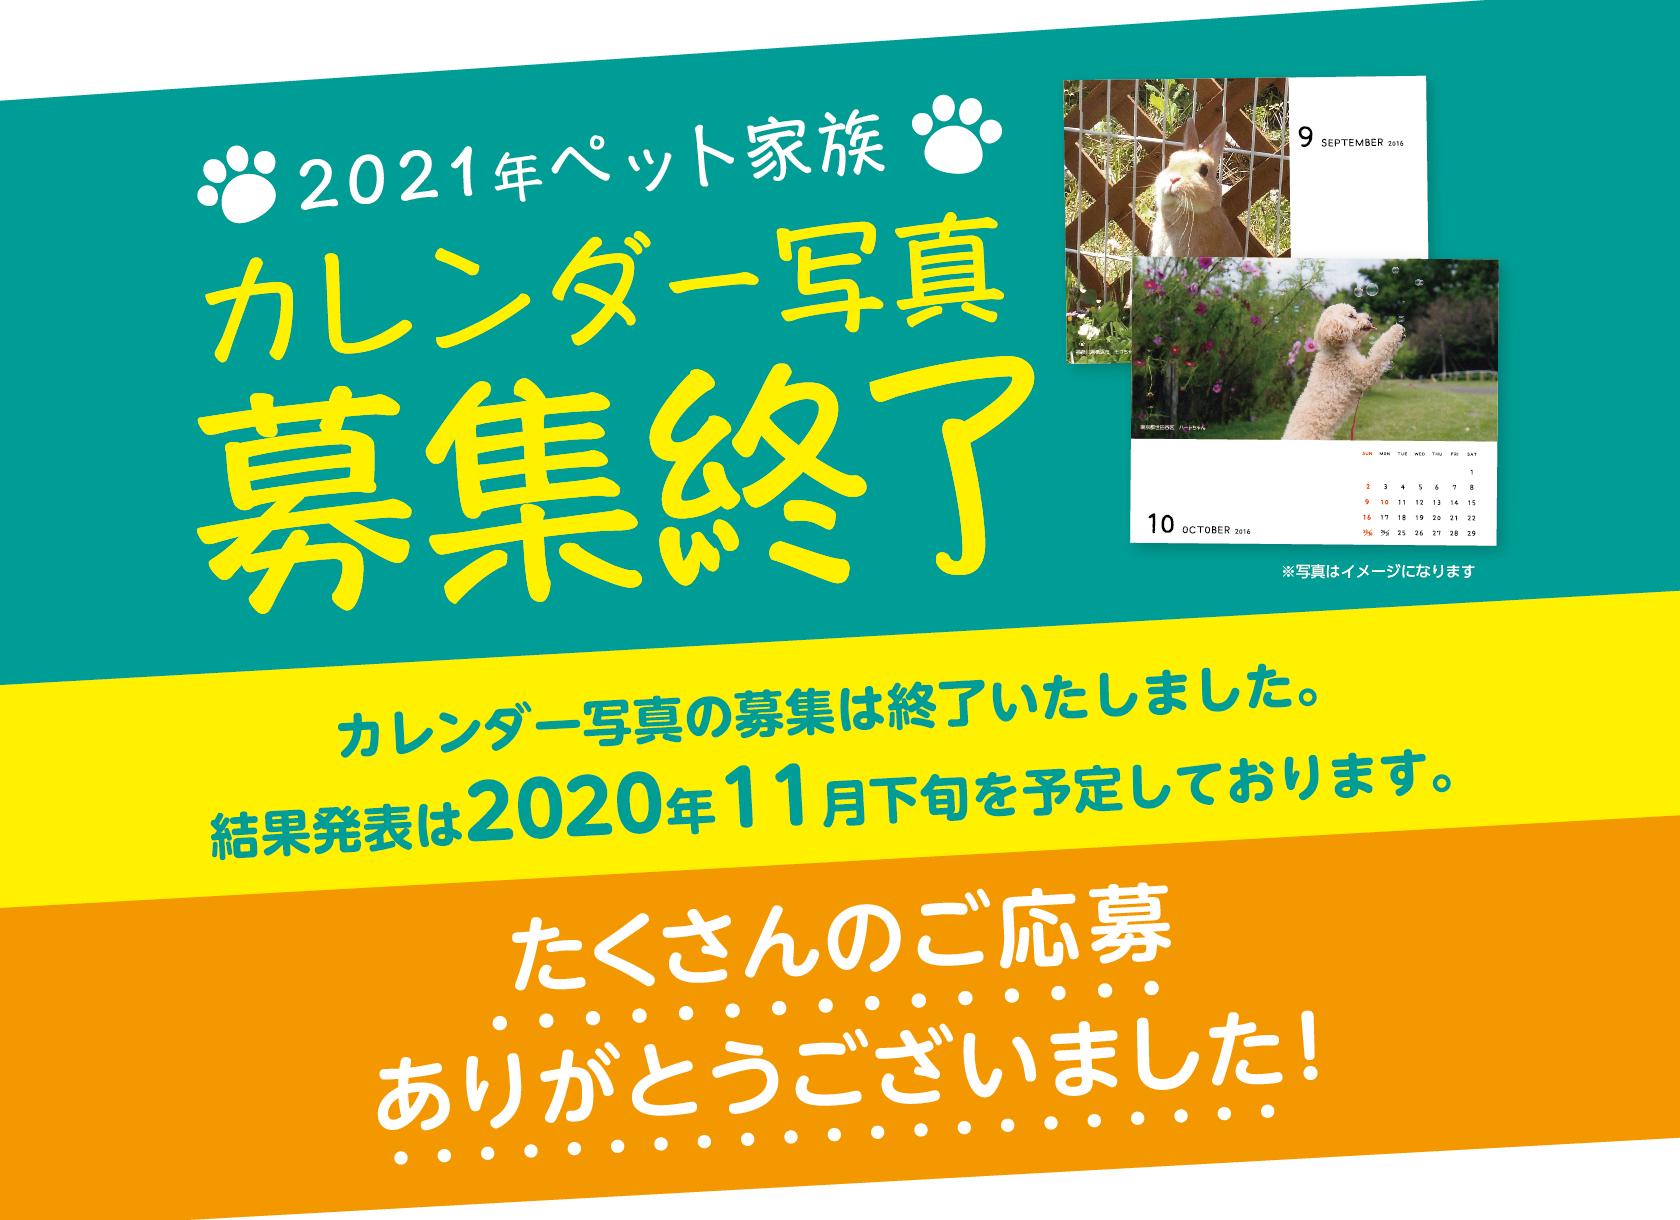 2021年ペット家族カレンダー写真募集終了のお知らせ